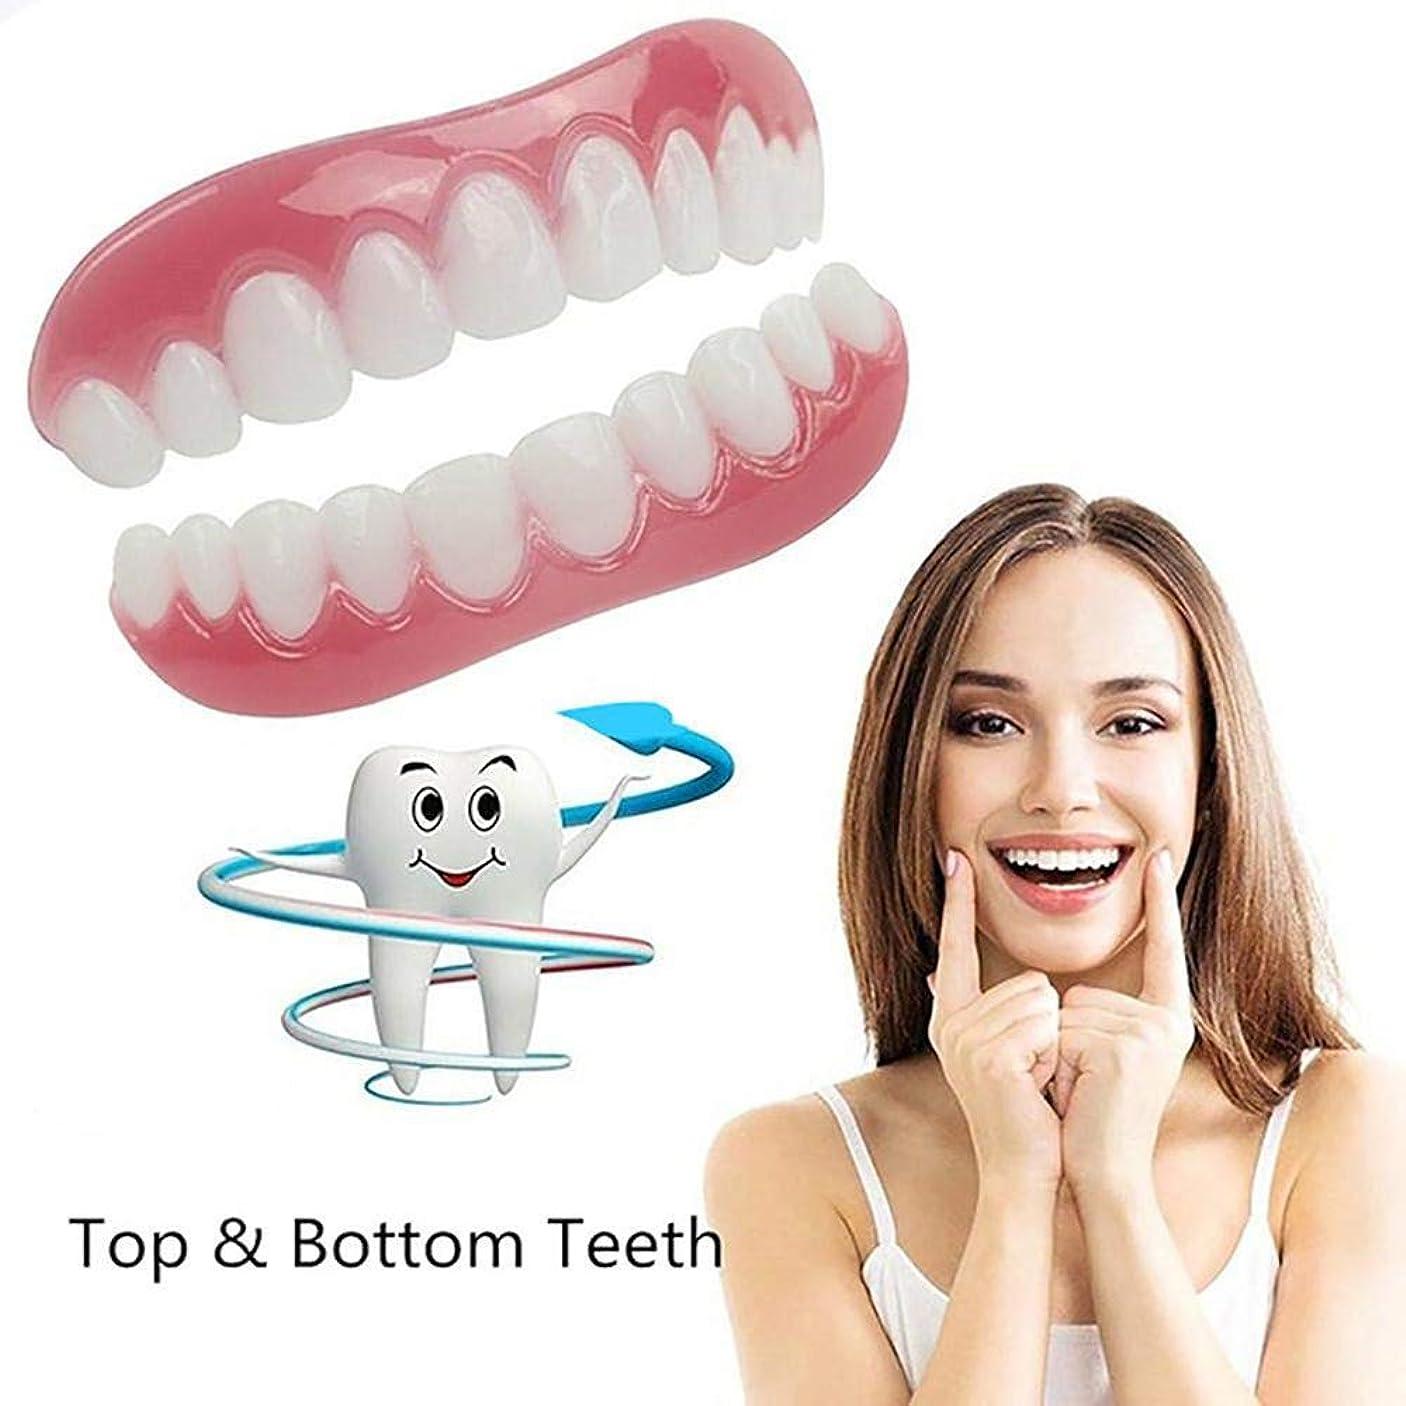 印象的な任命魔女歯の化粧品快適でパーフェクトベニヤの笑顔ホワイトニング歯ブレース口腔ケア義歯(上下用),4Pairs